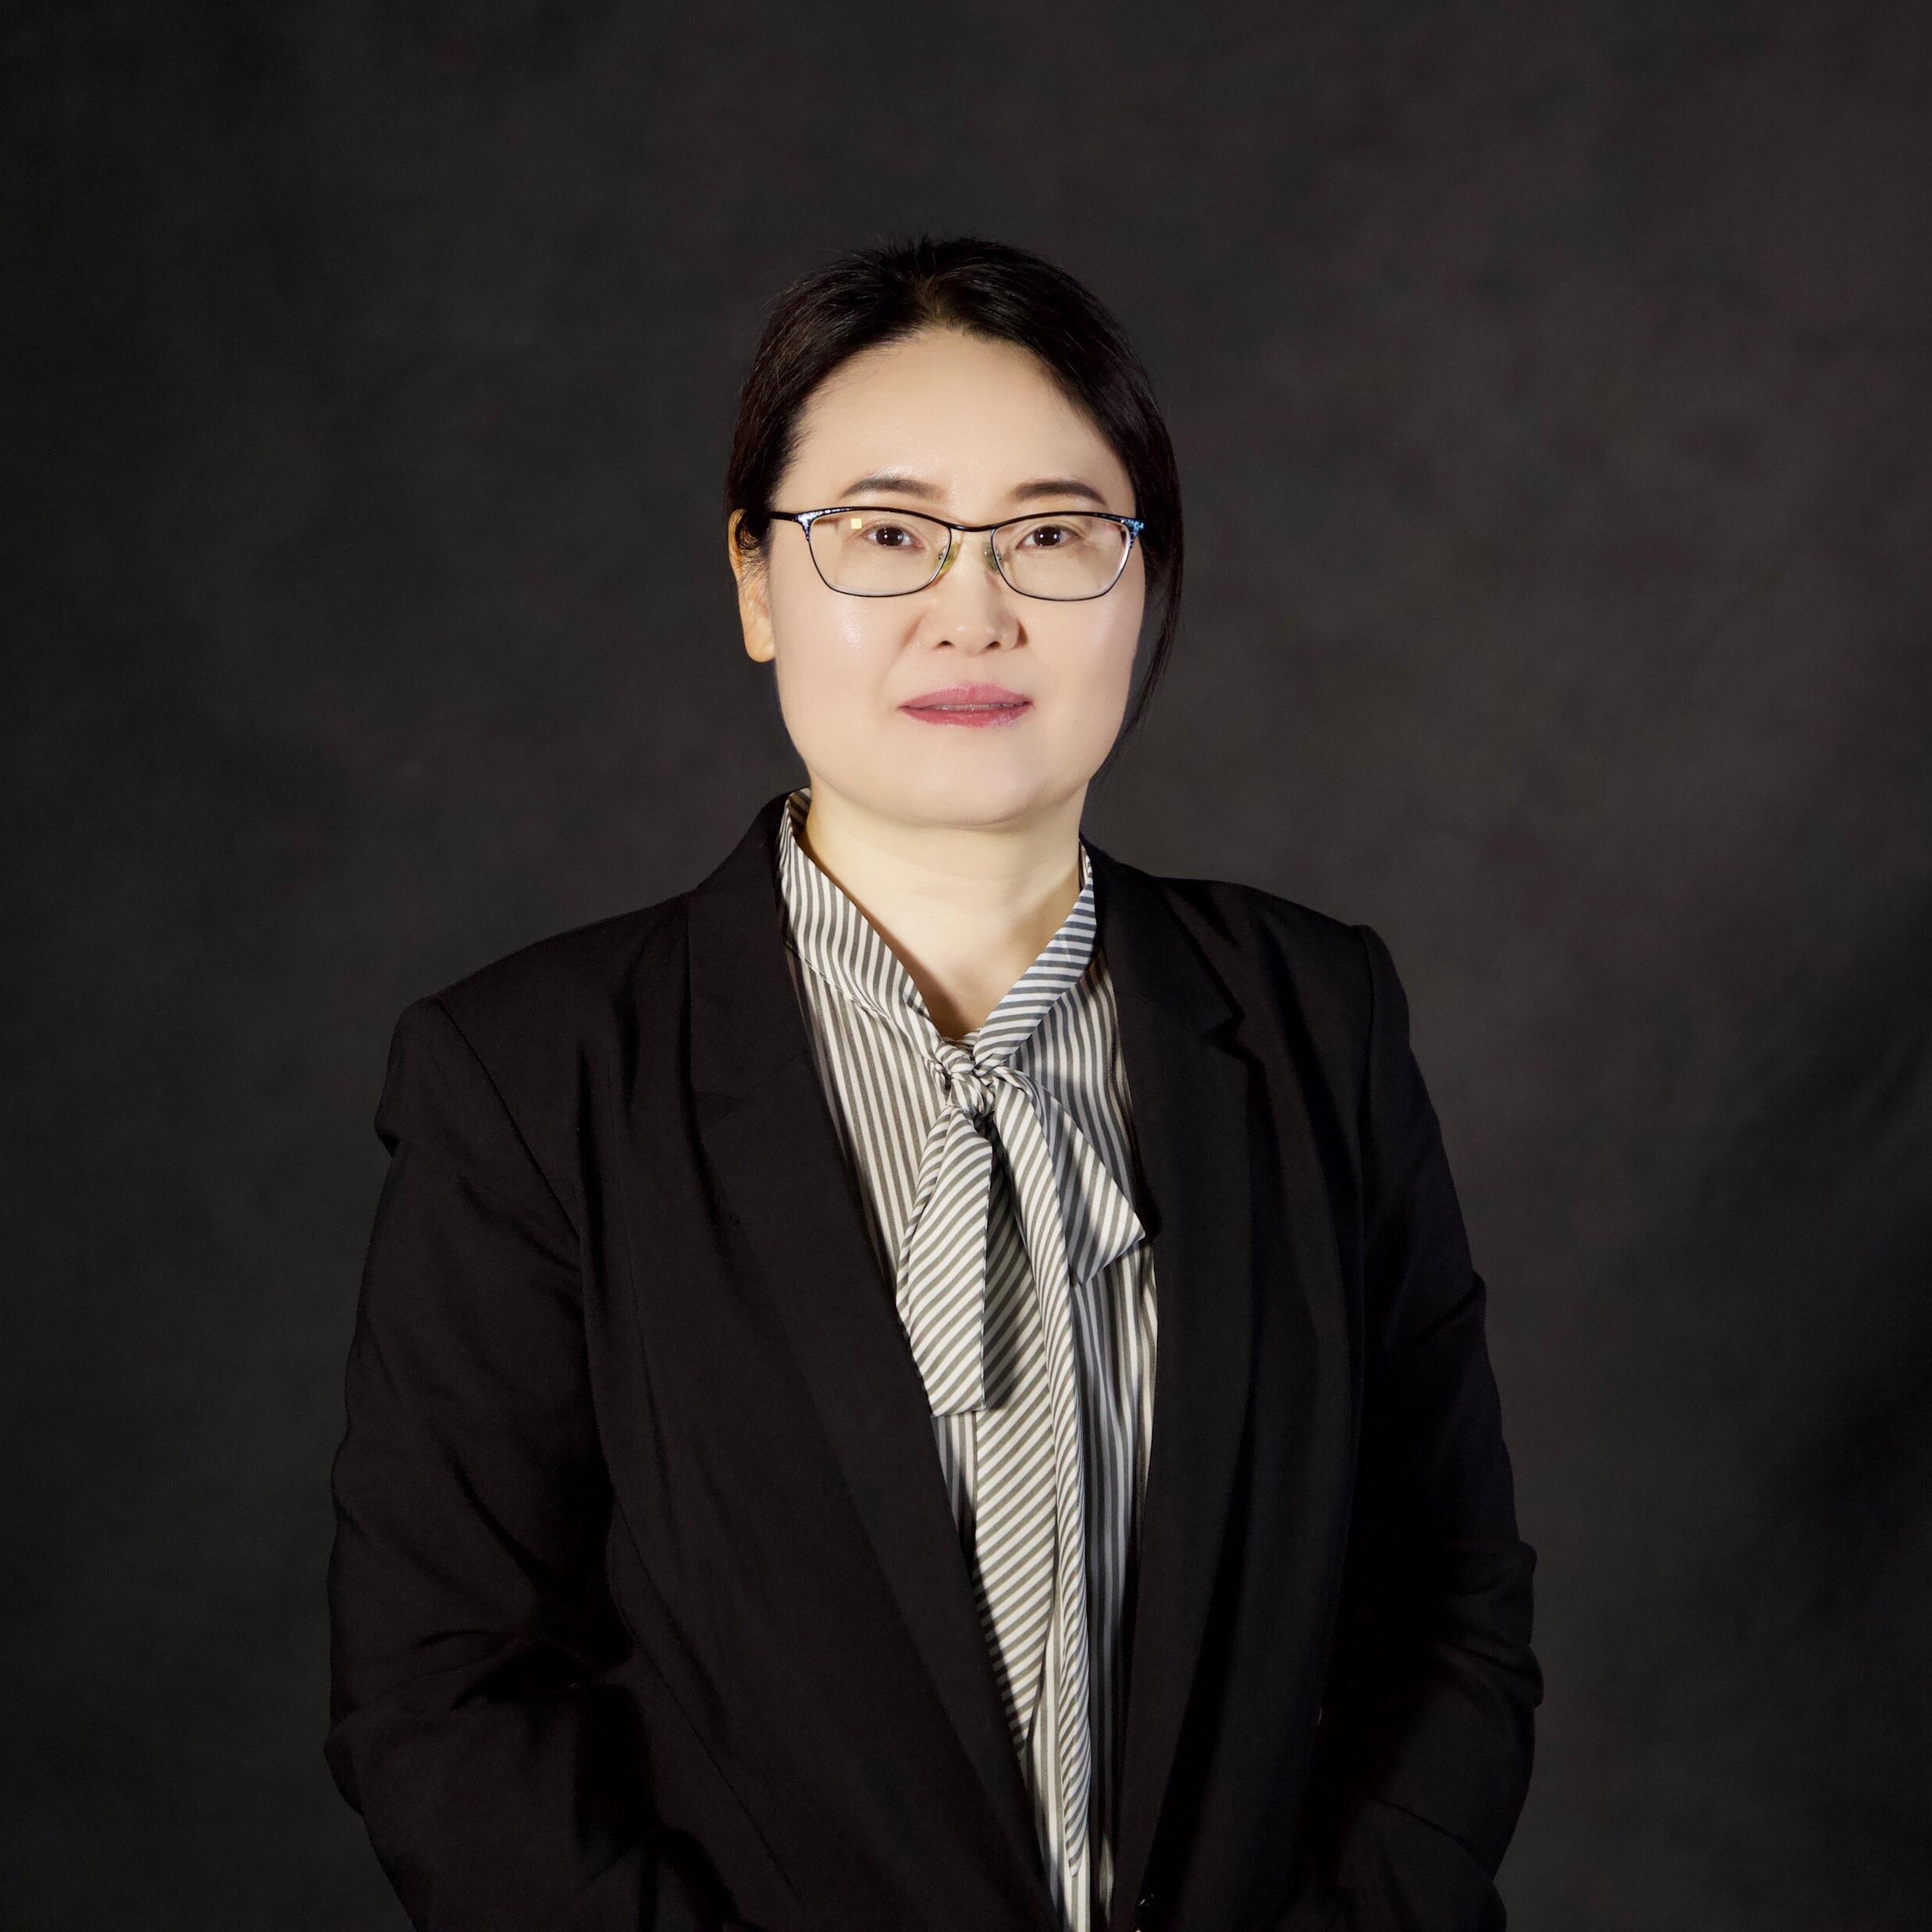 Miao Guo